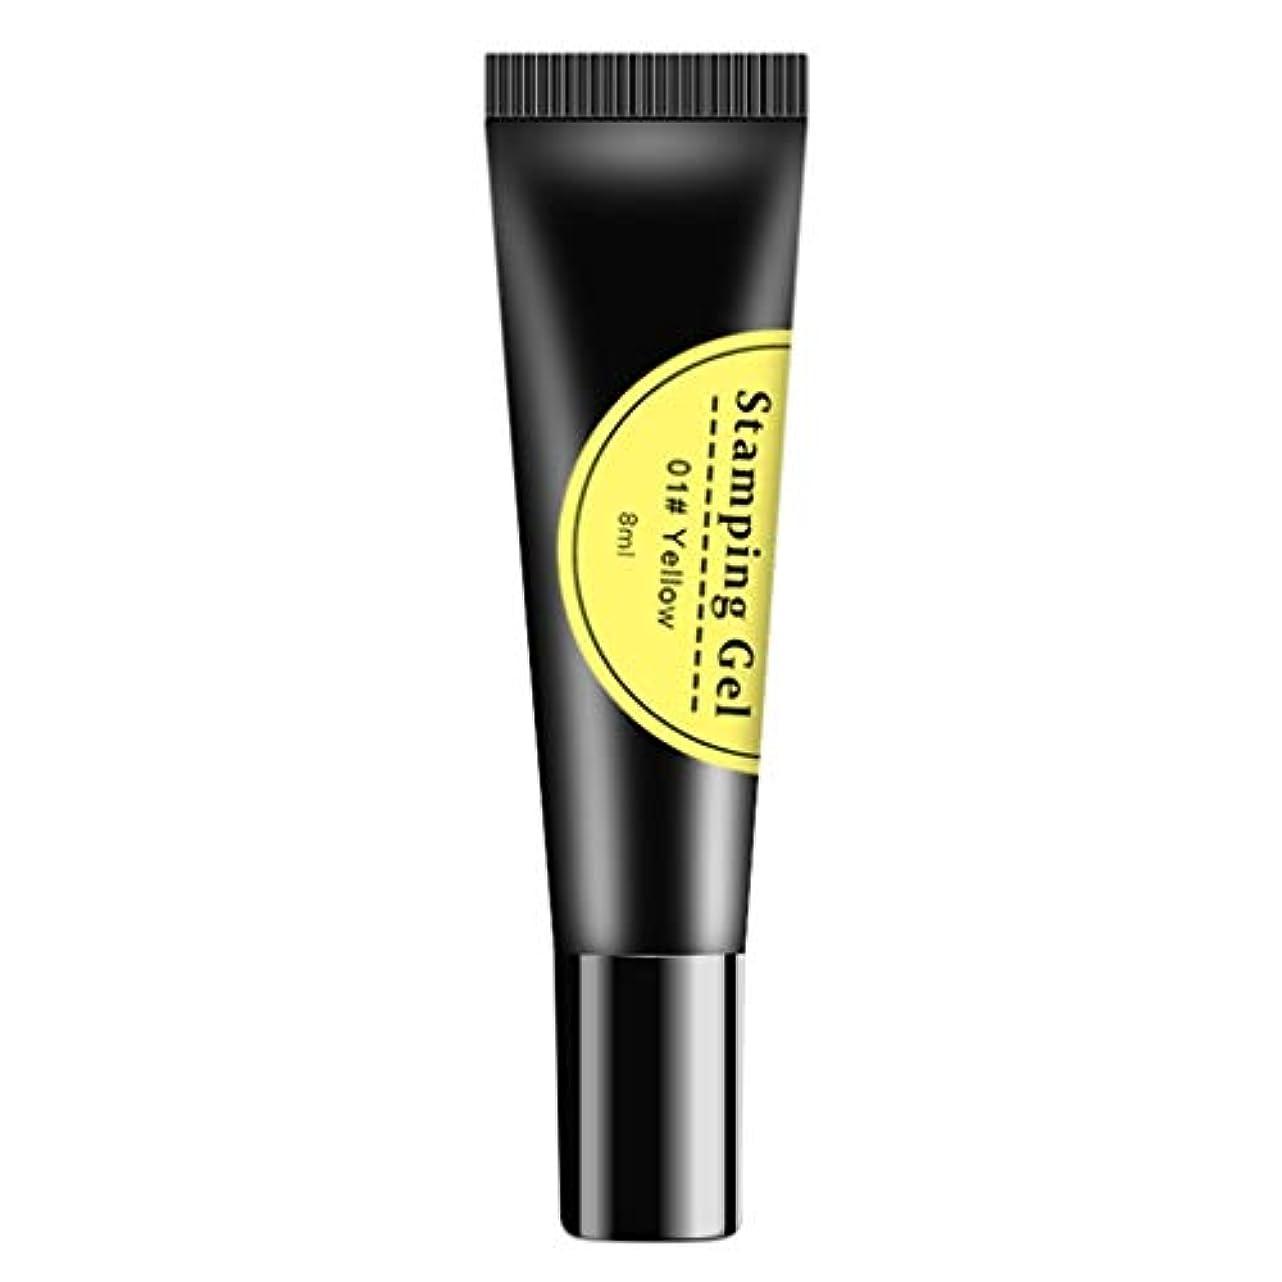 ラベルペルソナコークスネイルジェル ジェルポリッシュ ネイルポリッシュ カラージェル 蛍光 家庭 ネイルサロン 適用 全6カラー - 黄色